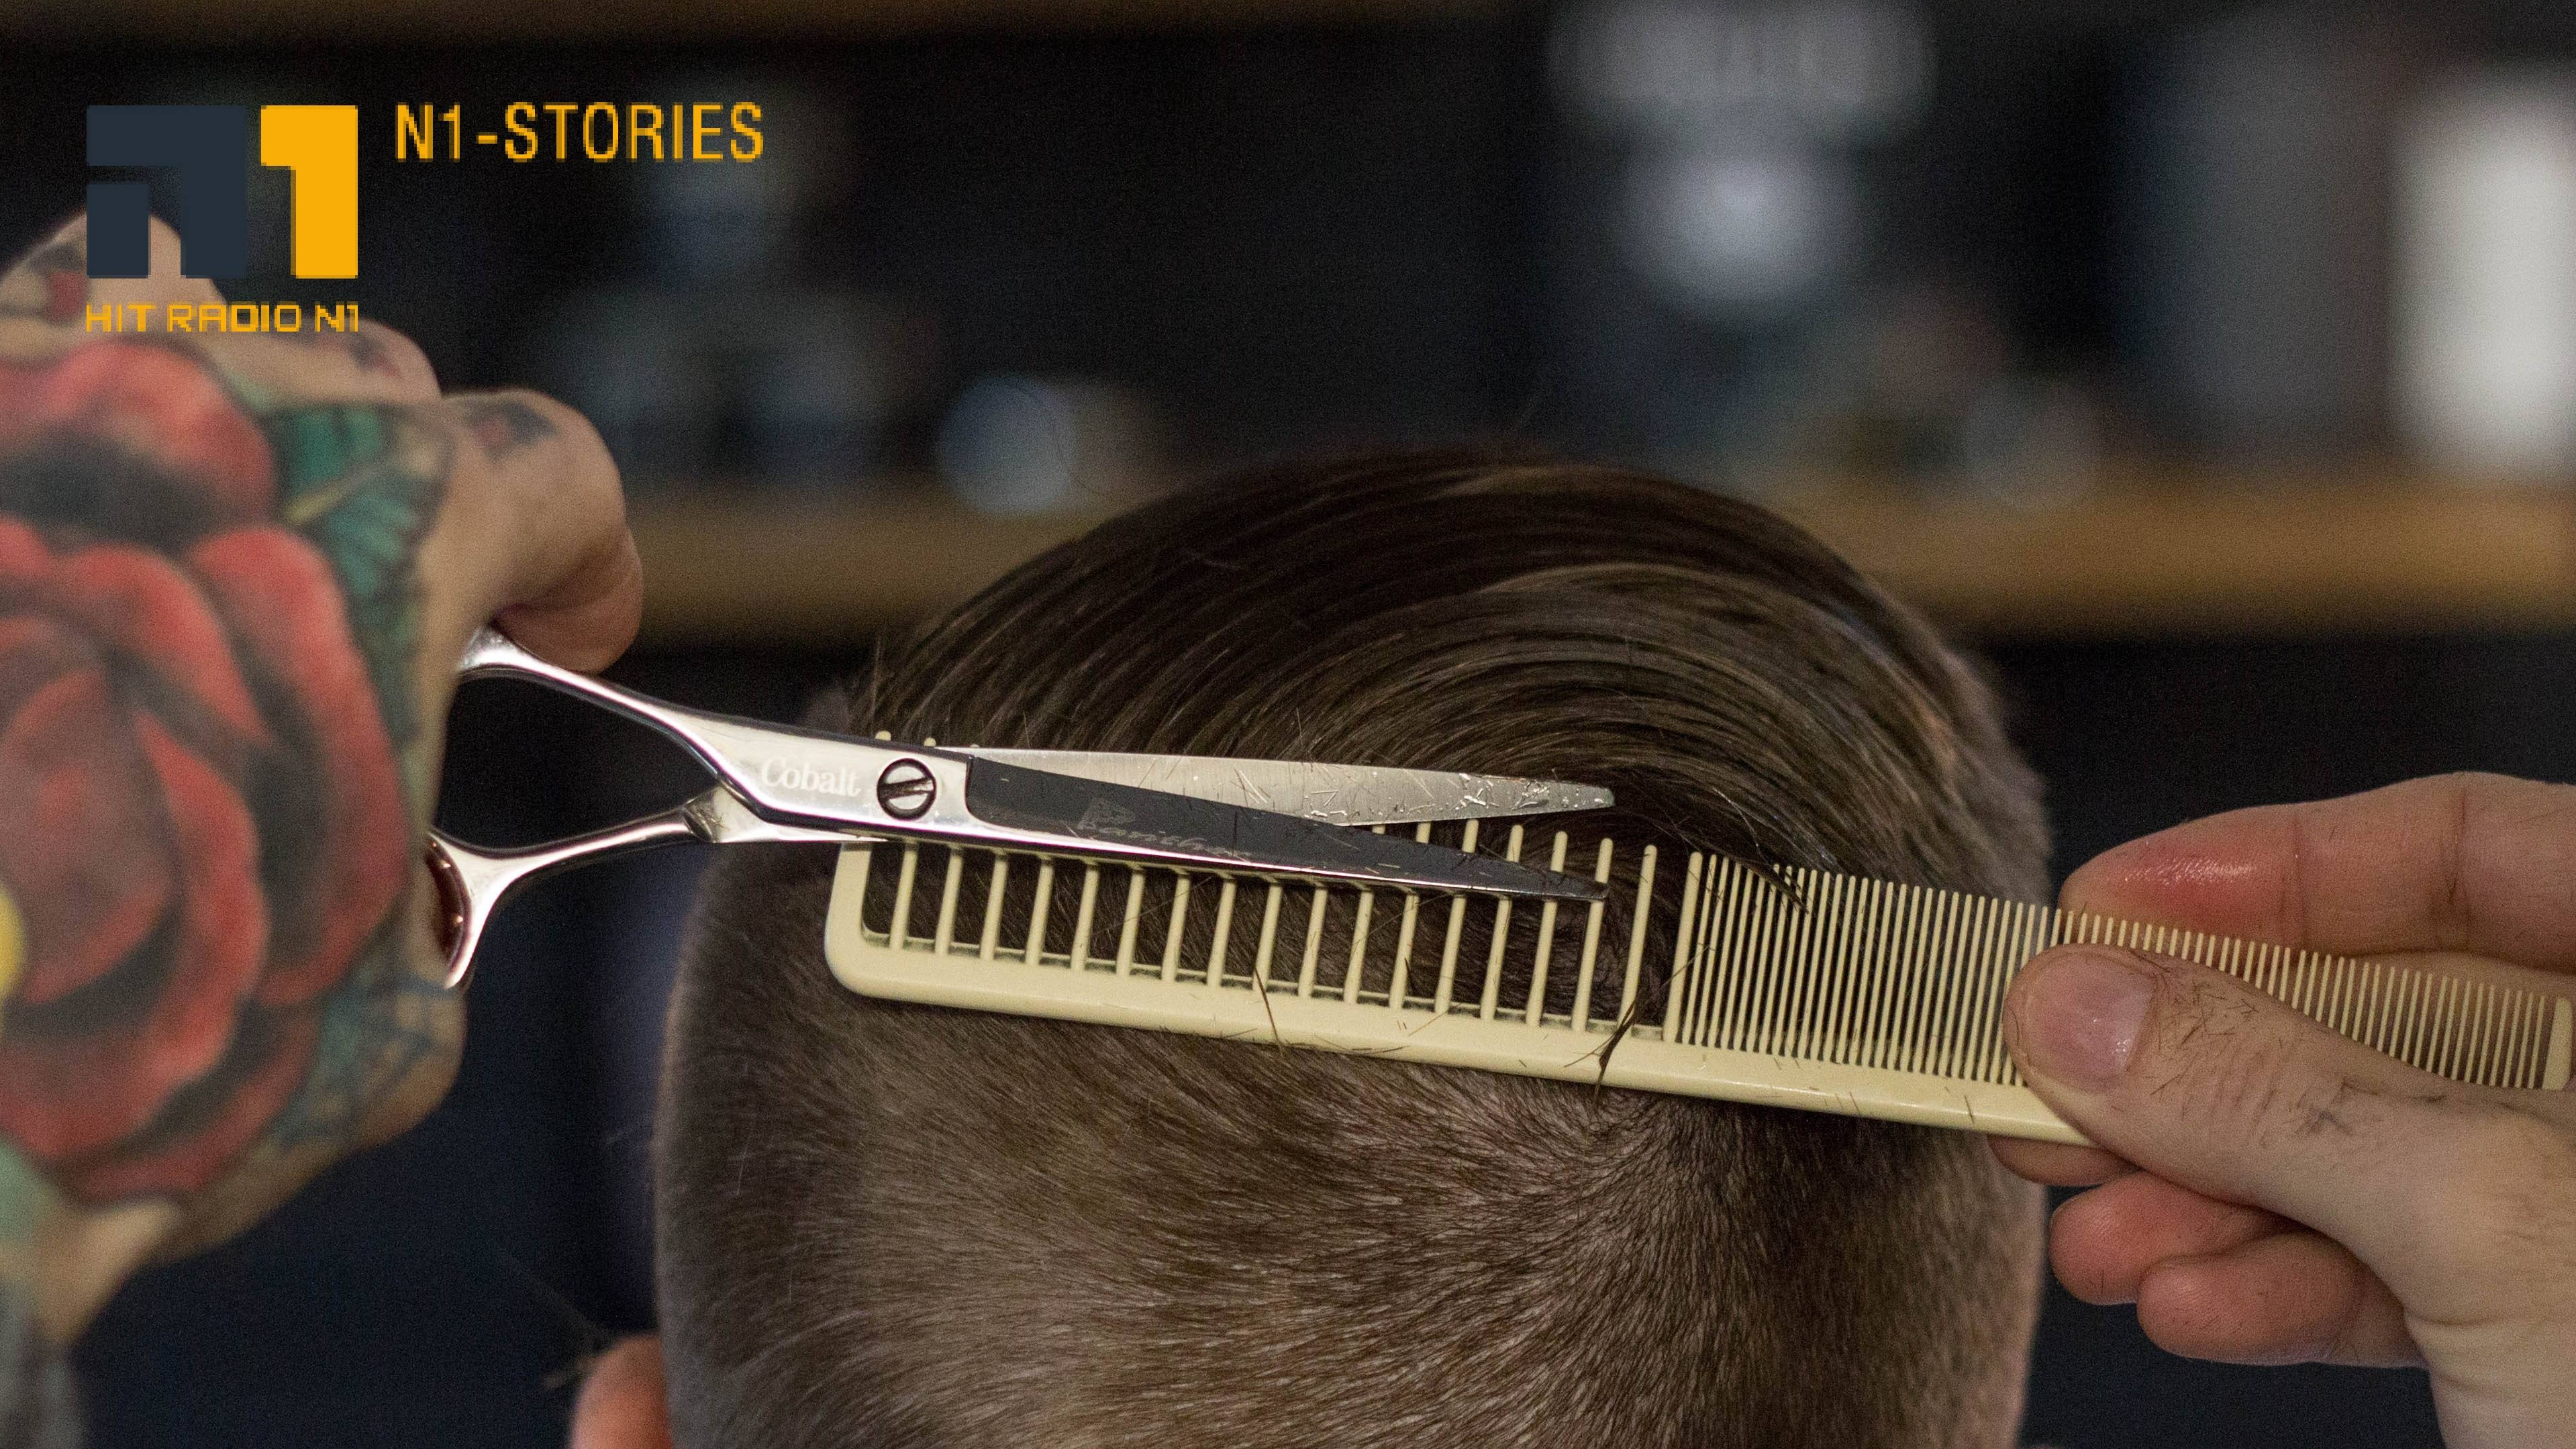 Anleitung zum Haare schneiden Zuhause